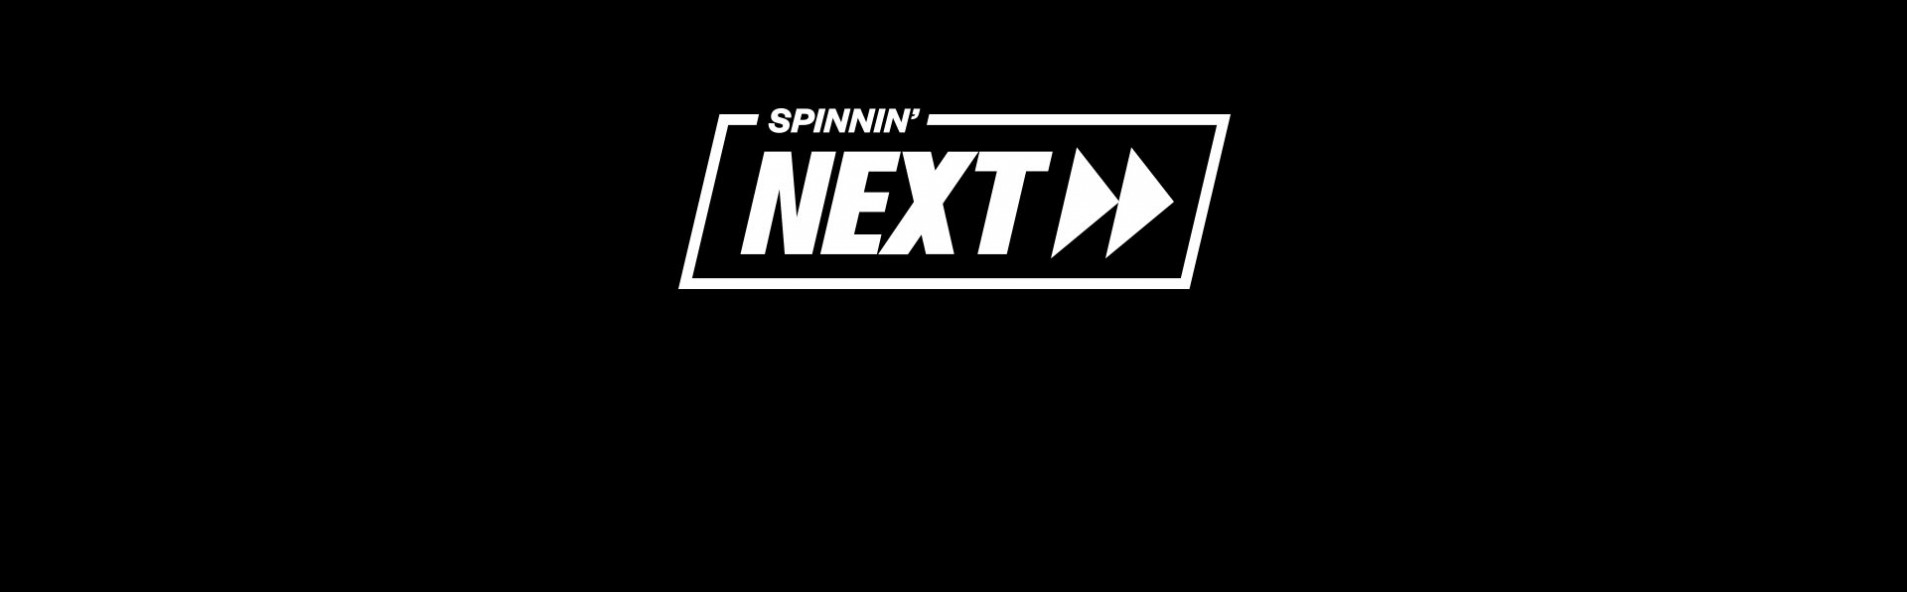 spinnin project next ile ilgili görsel sonucu